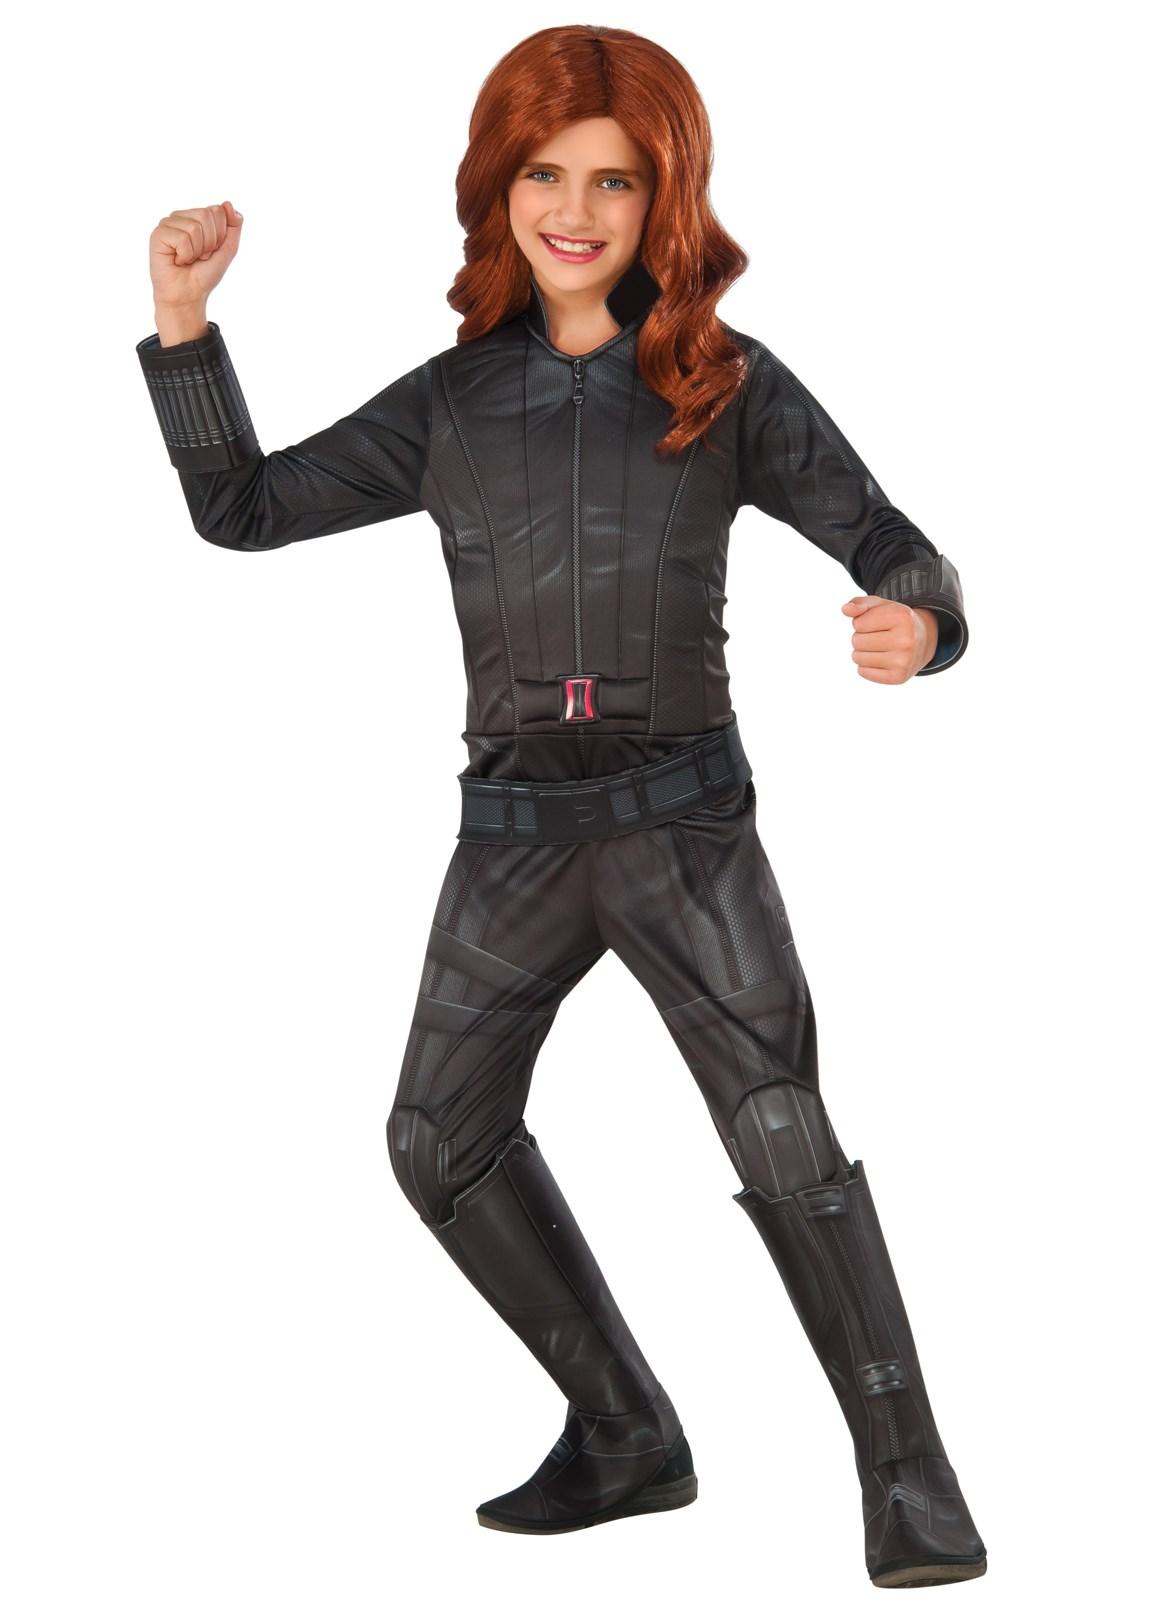 Marvel S Captain America Civil War Deluxe Girls Black